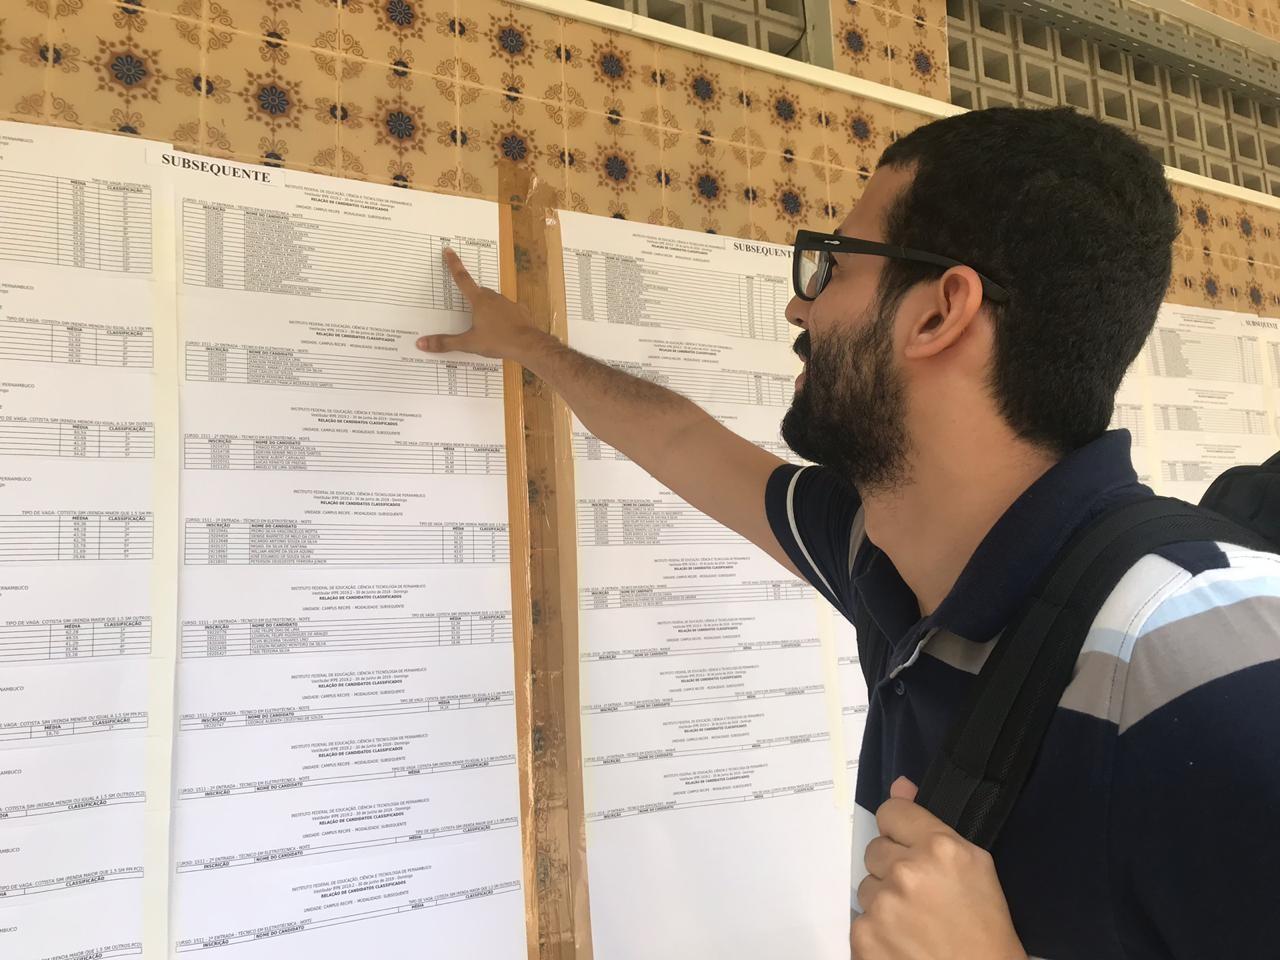 IFPE divulga resultado do vestibular 2019.2 e anuncia primeiros colocados - Notícias - Plantão Diário